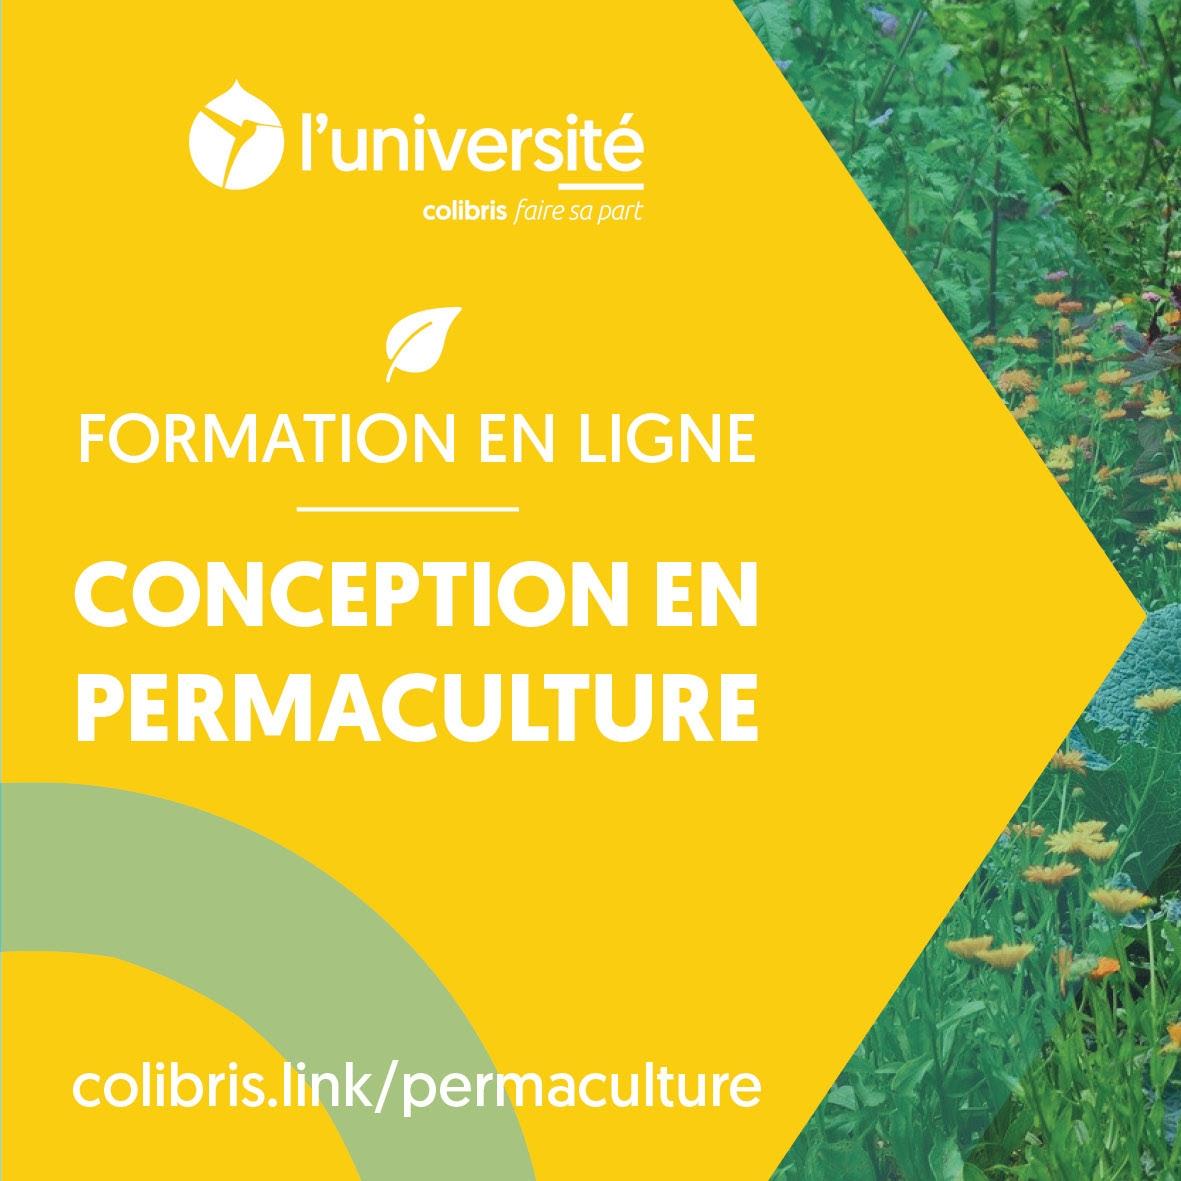 Formation en ligne gratuite MOOC Conception en Permaculture - Colibris-Université.org